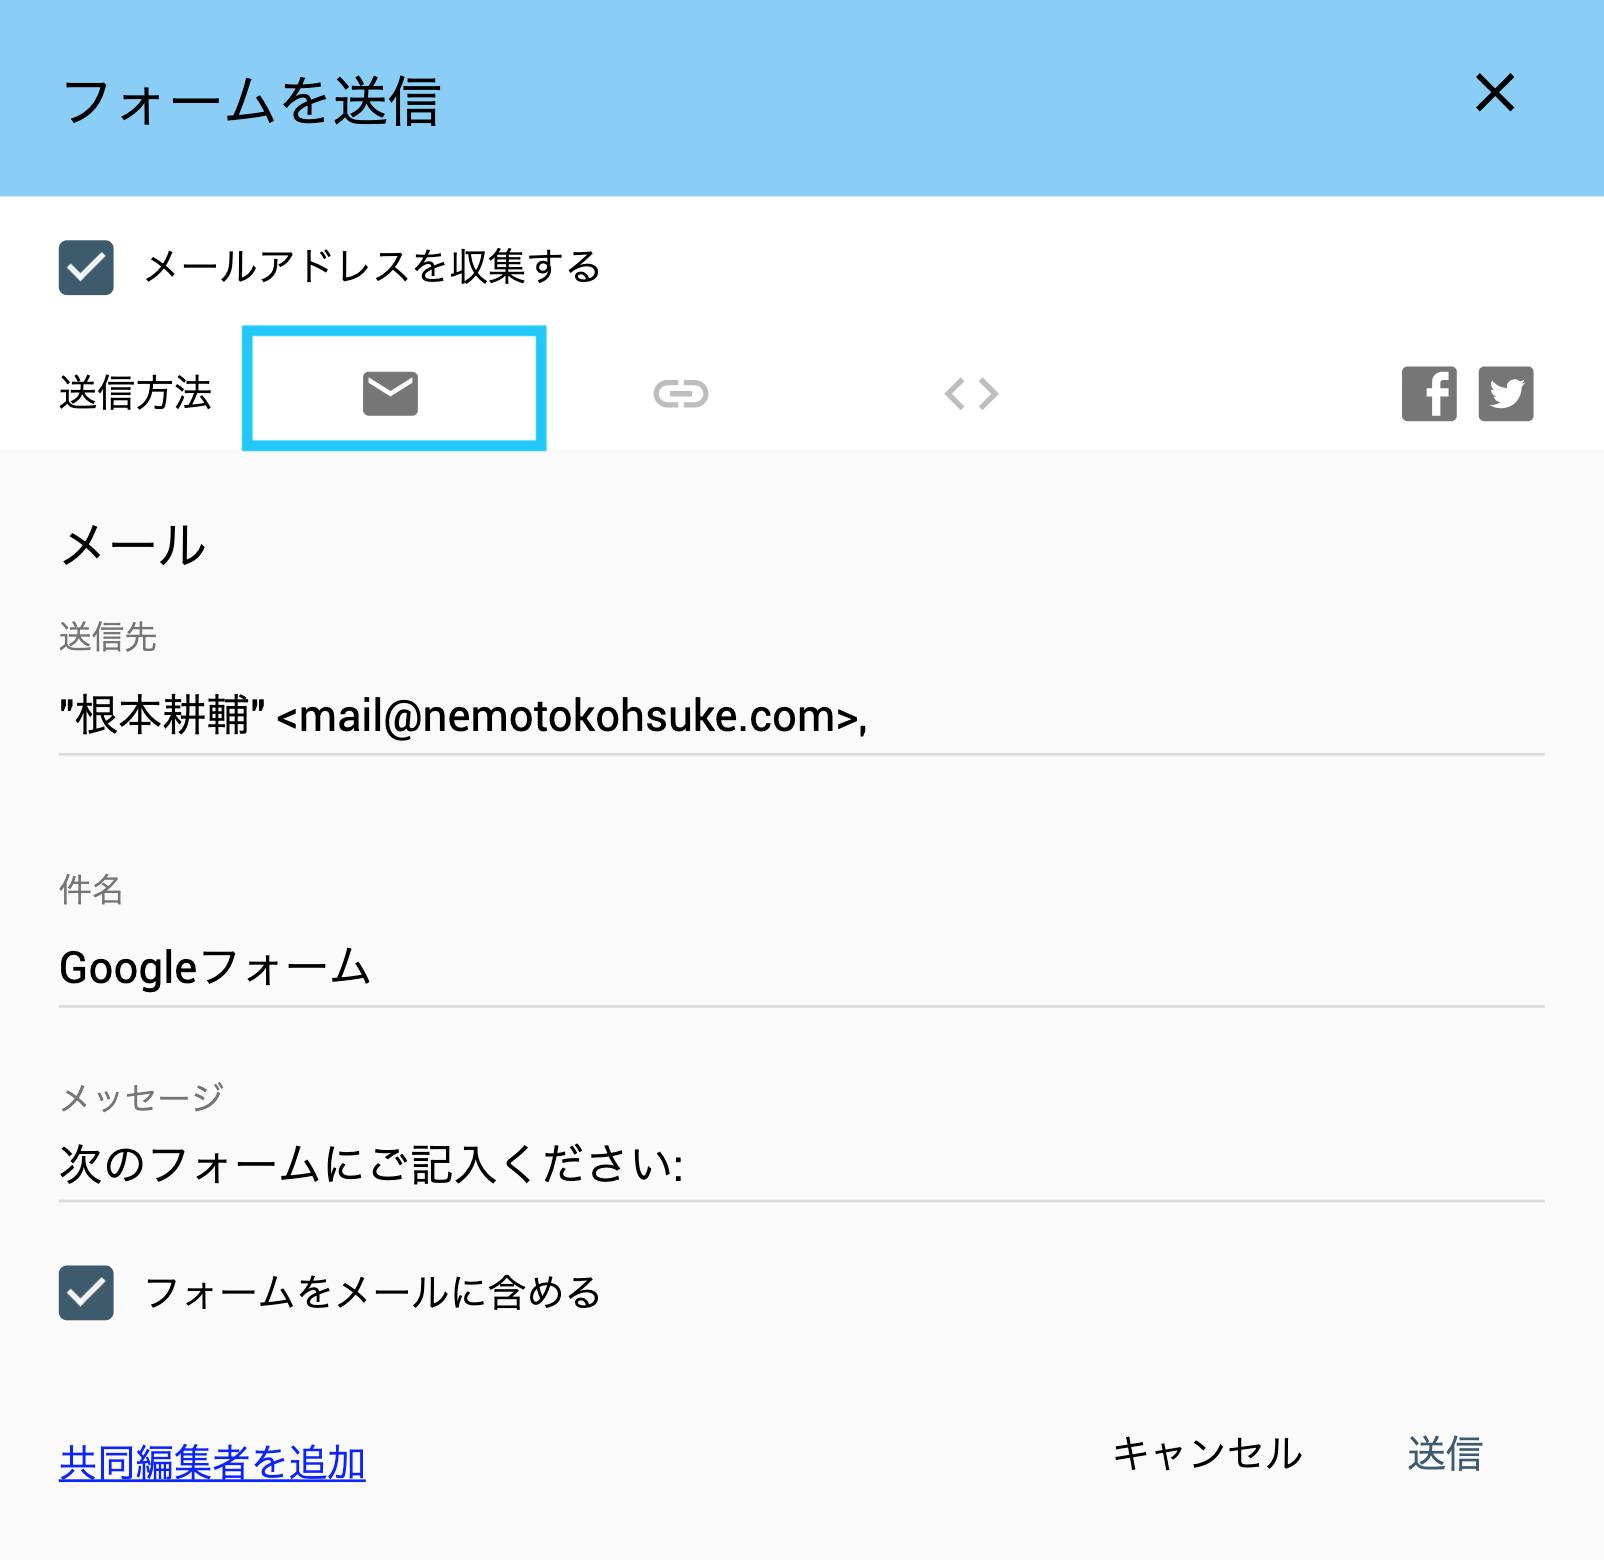 EメールでGoogleフォームをシェア配布する方法